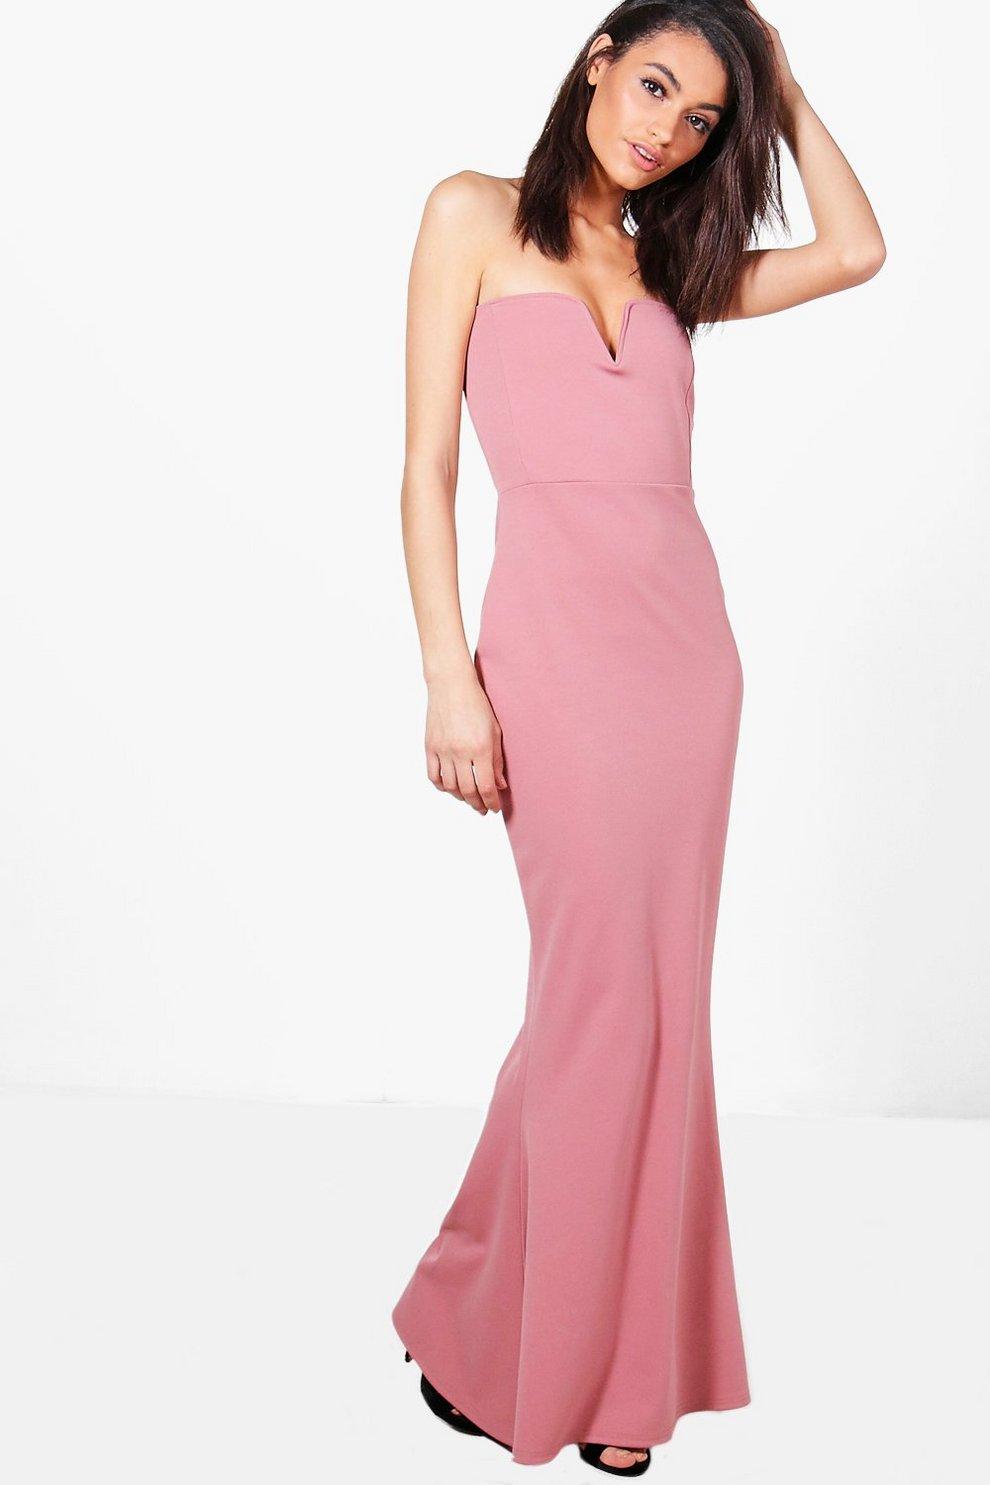 e807ef1b43 vestido largo palabra de honor con cola de sirena y escote pronunciado katie